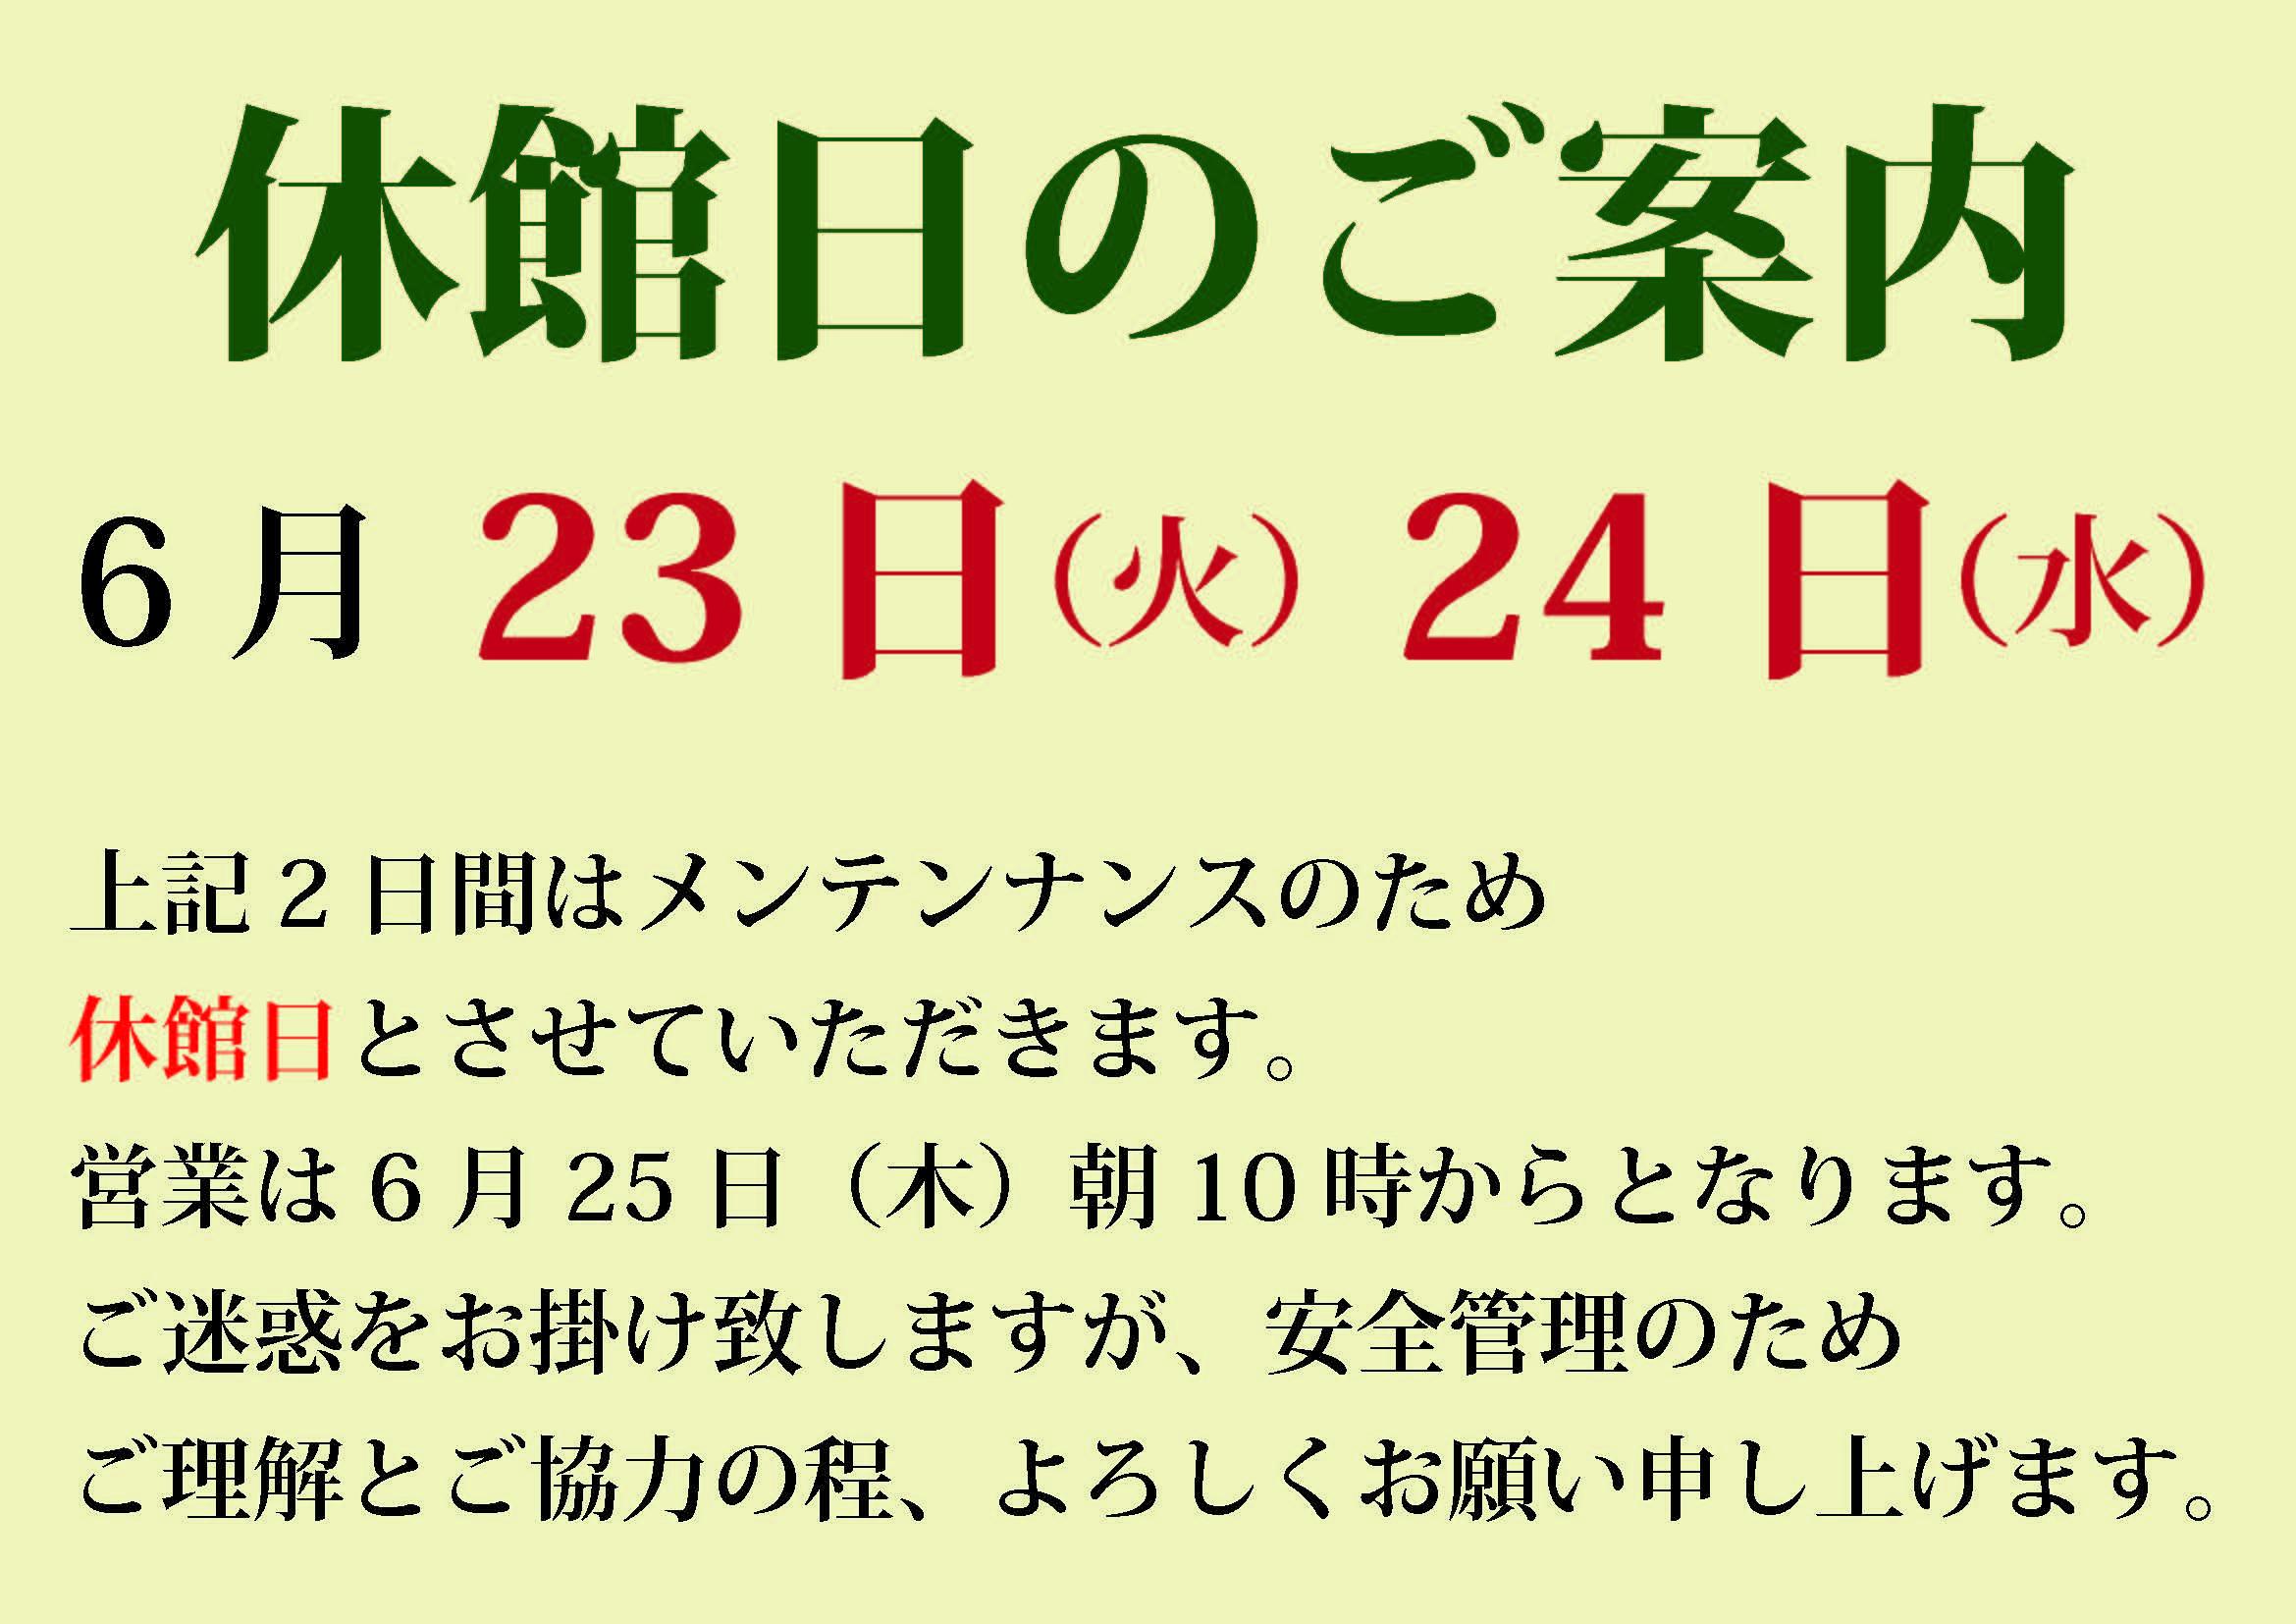 次回【休館日】のお知らせ